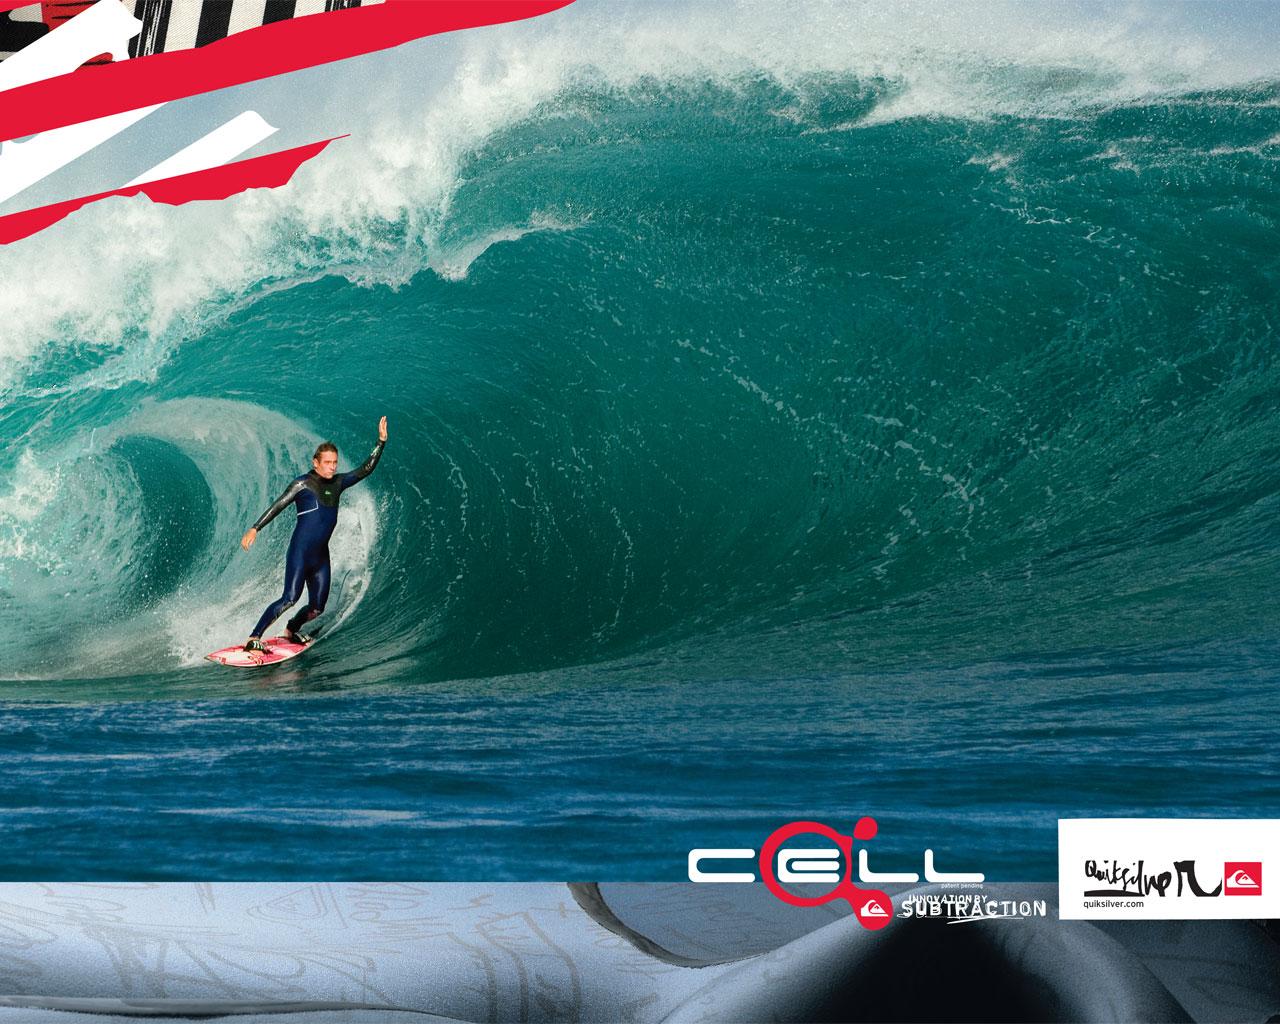 Quiksilver Surfing Wallpaper Quiksilver quiksilver ...